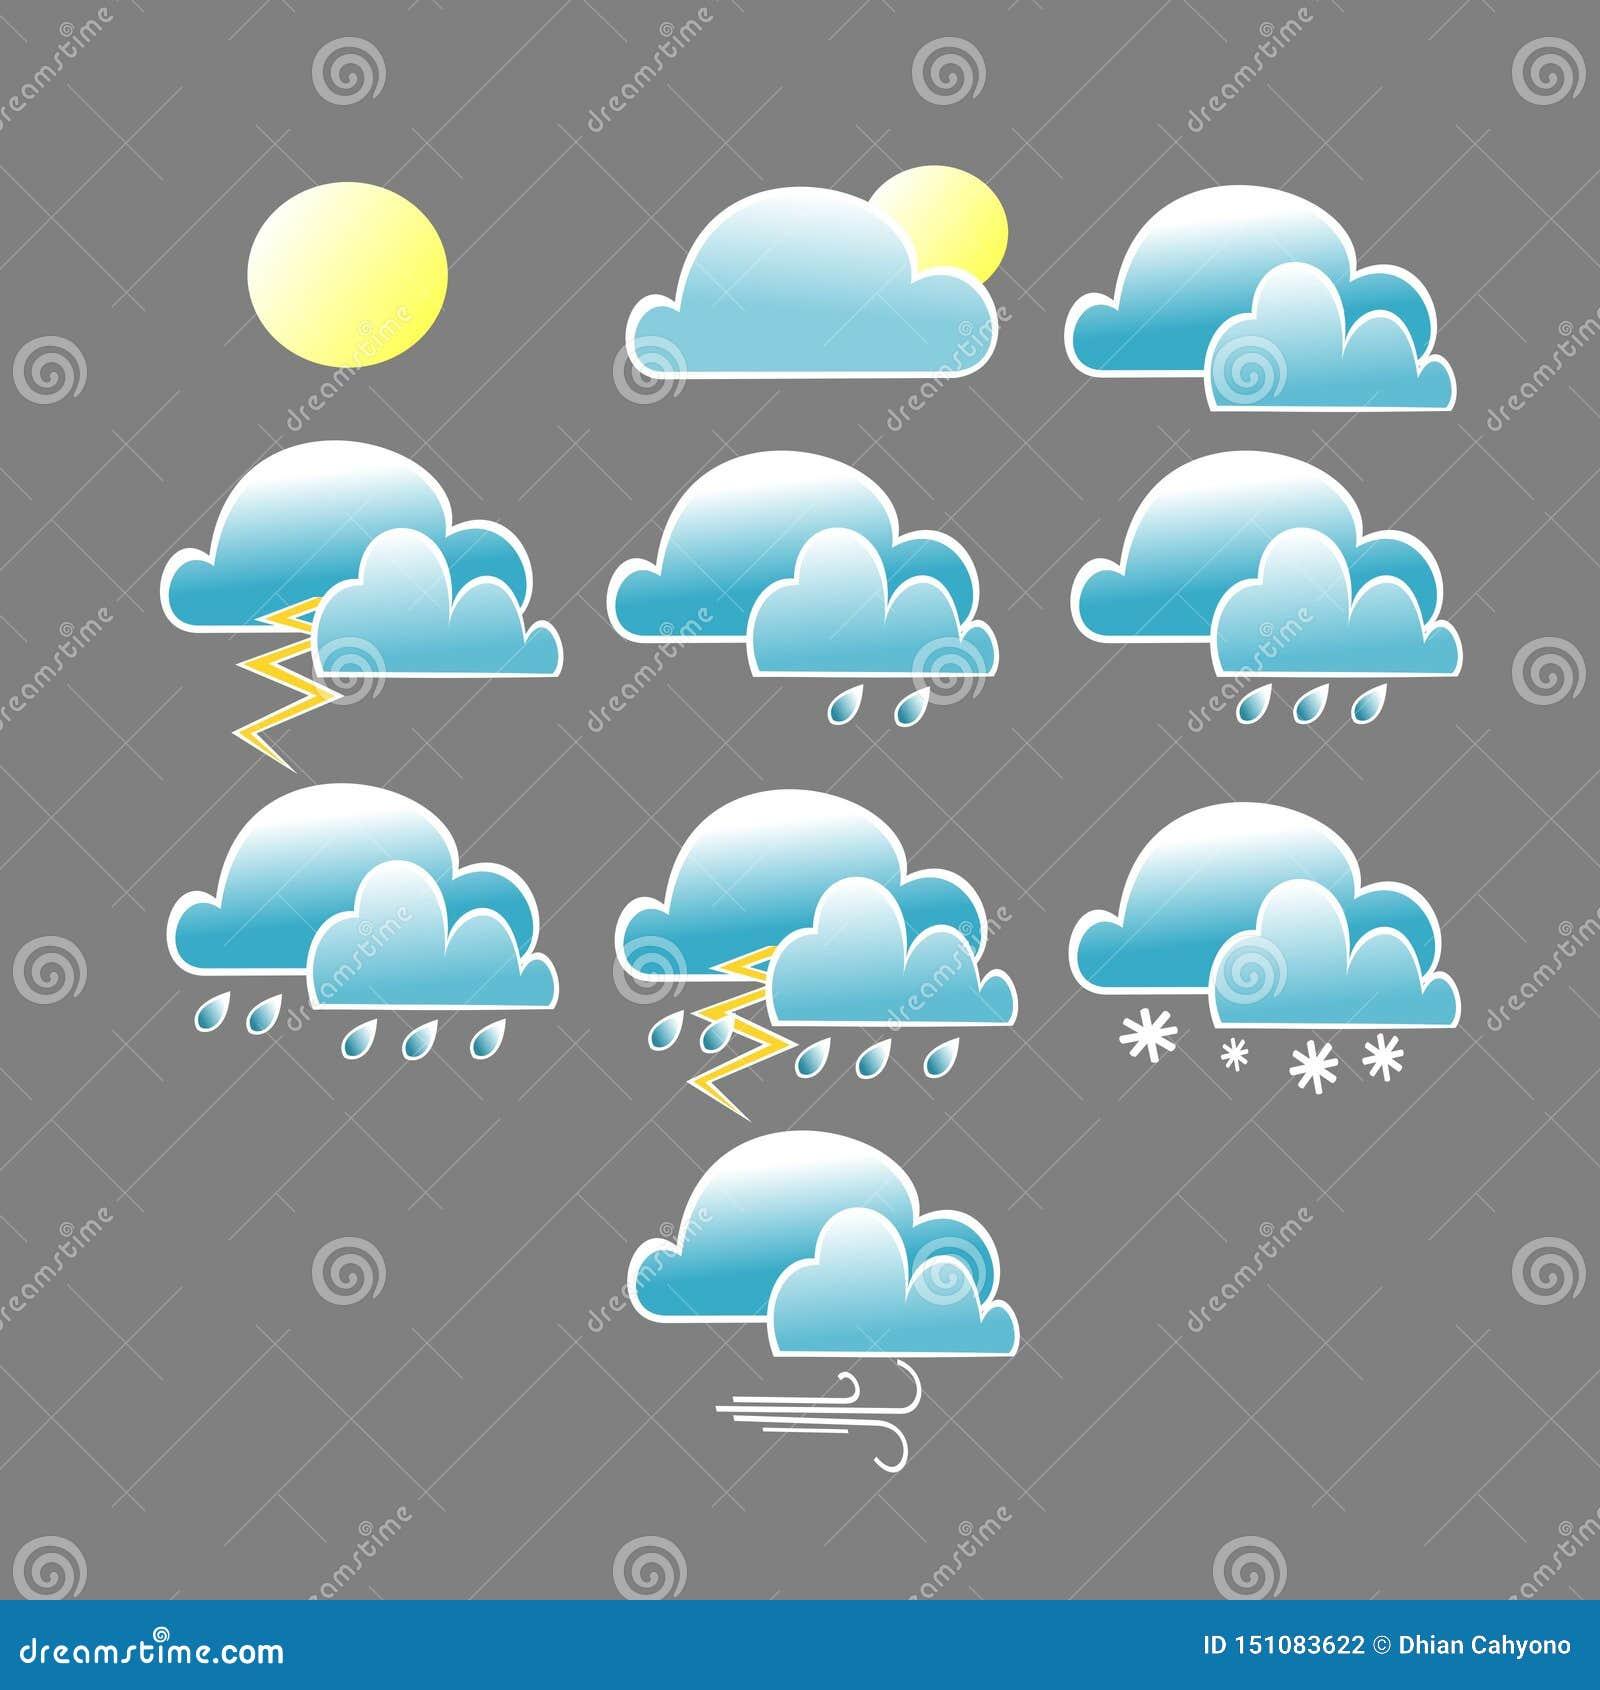 Diverso icono de las condiciones meteorológicas con la nube azul